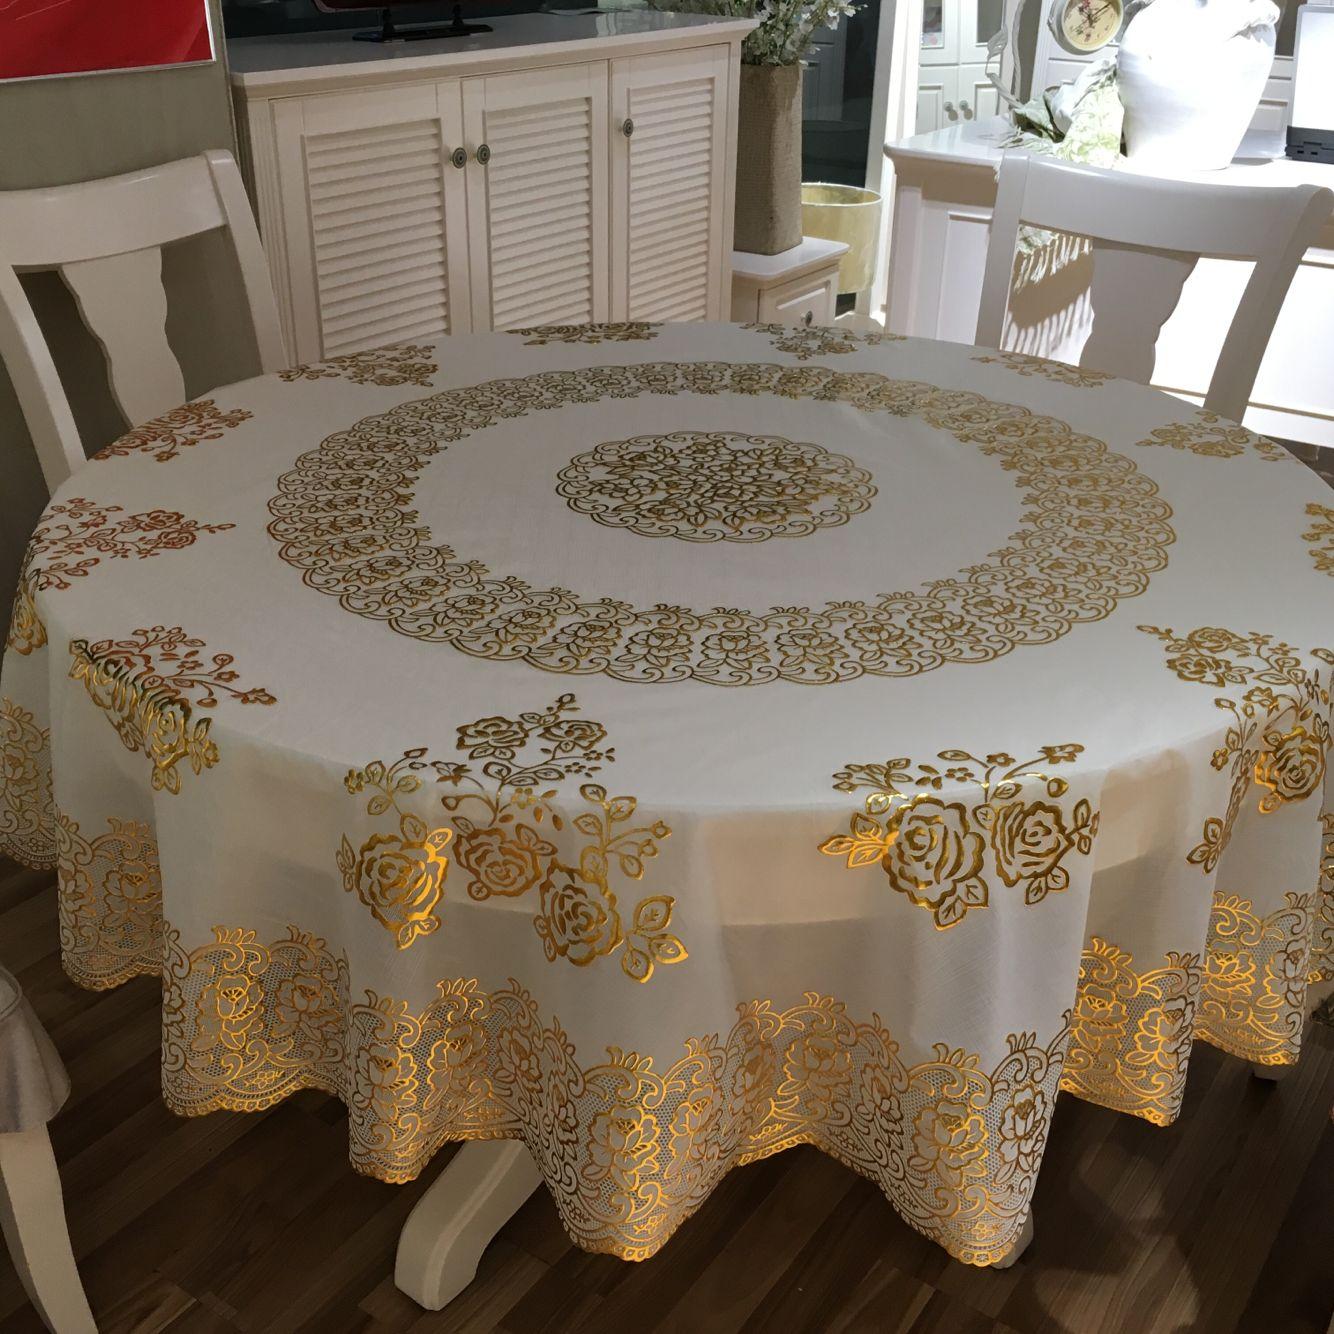 复古风饭店家庭塑料素色垫大圆桌布PVC餐桌台布客厅台面吃饭布